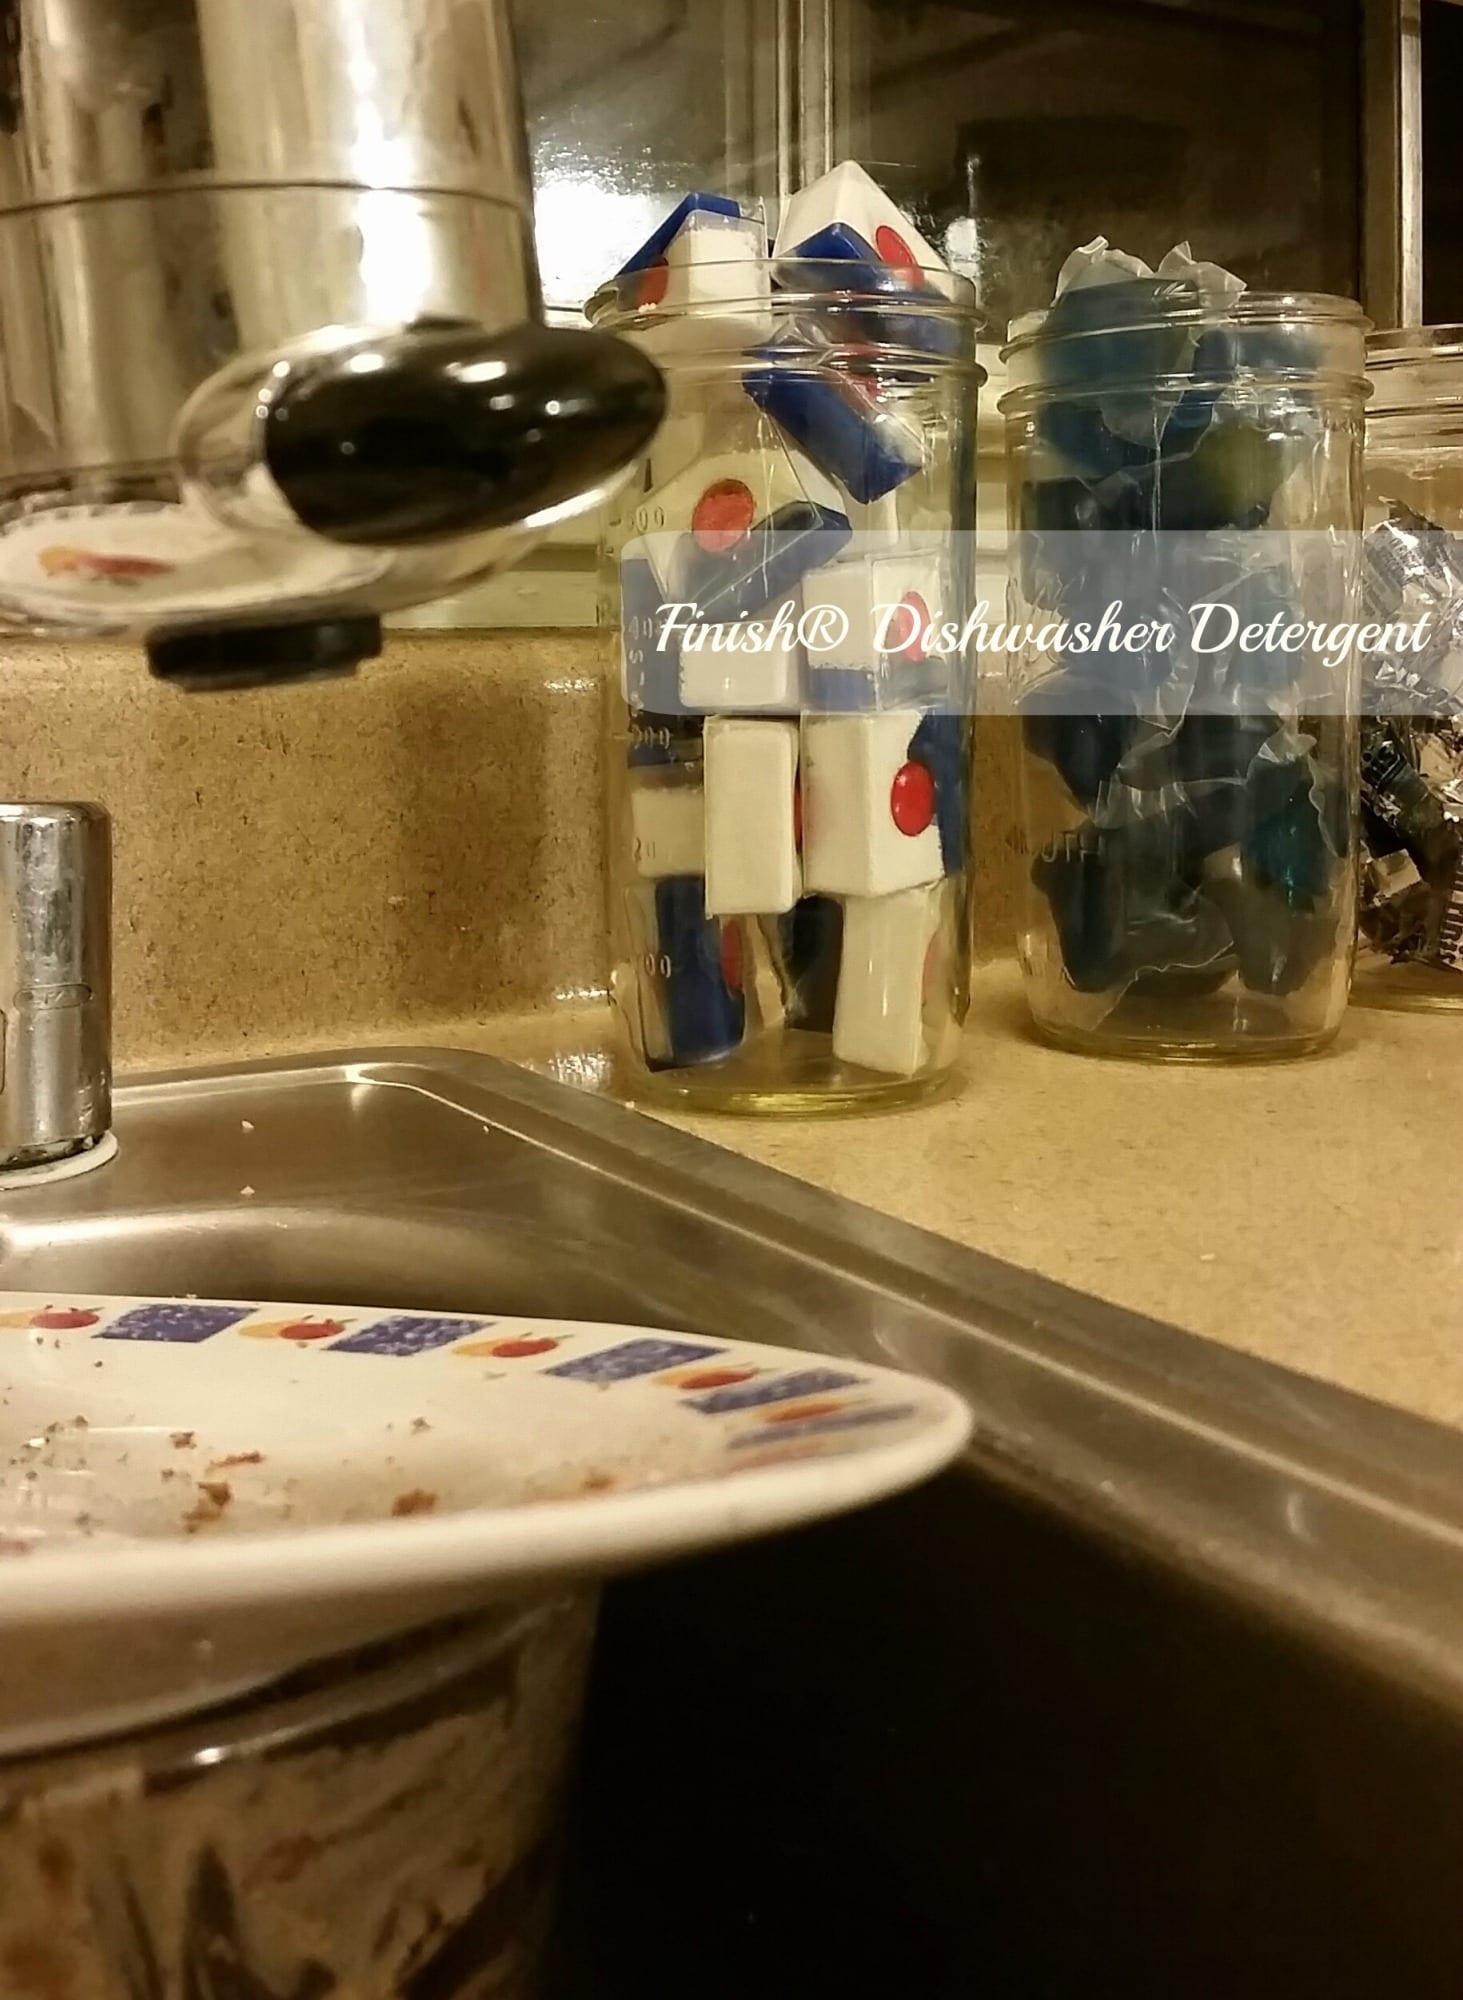 Finish Dishwasher Detergent #Shop #Cbias